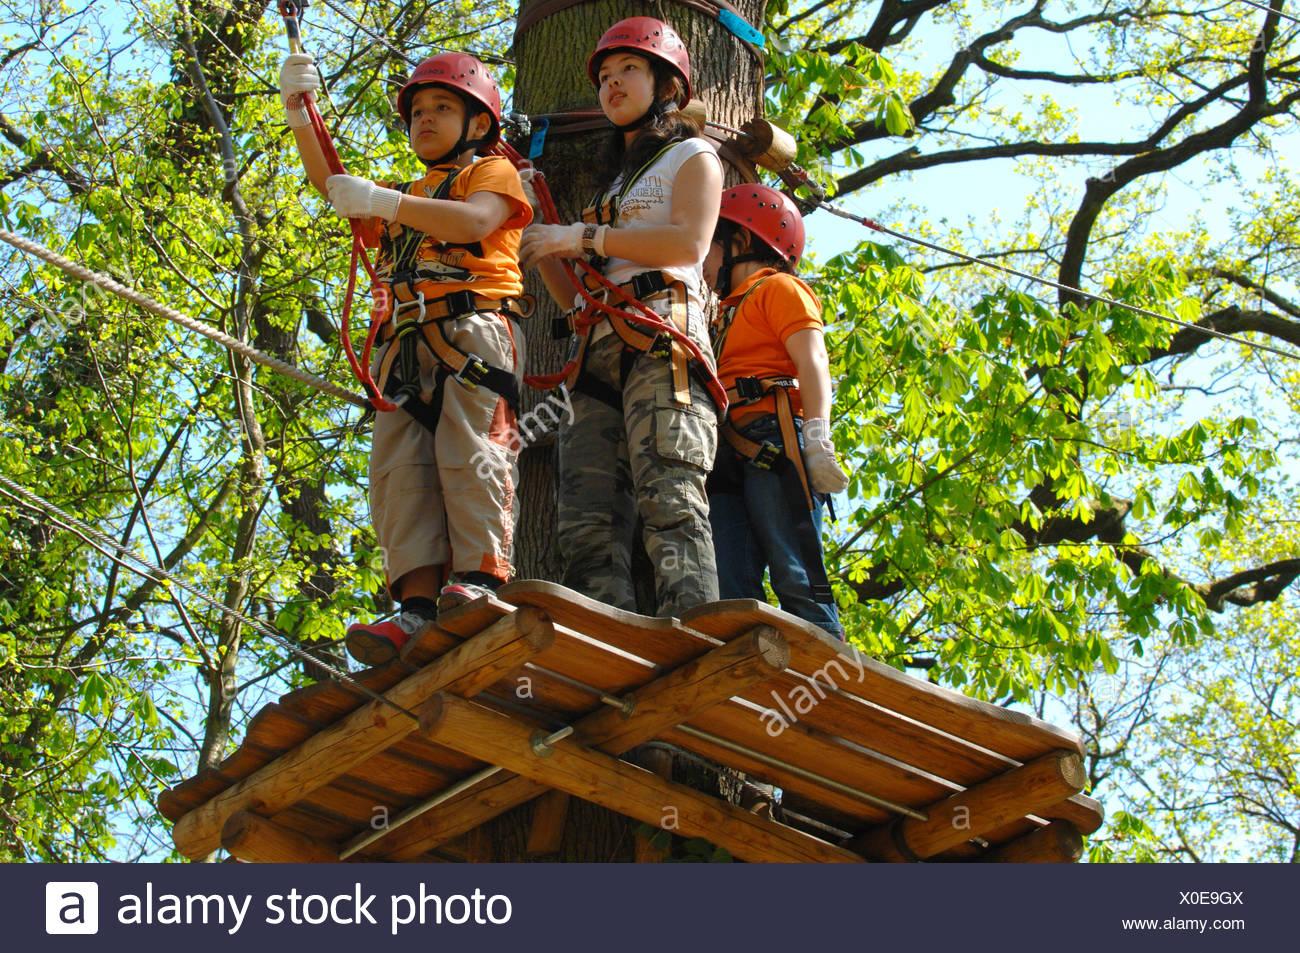 Kletterausrüstung Outdoor : Kinder mit kletterausrüstung klettern wald neroberg wiesbaden